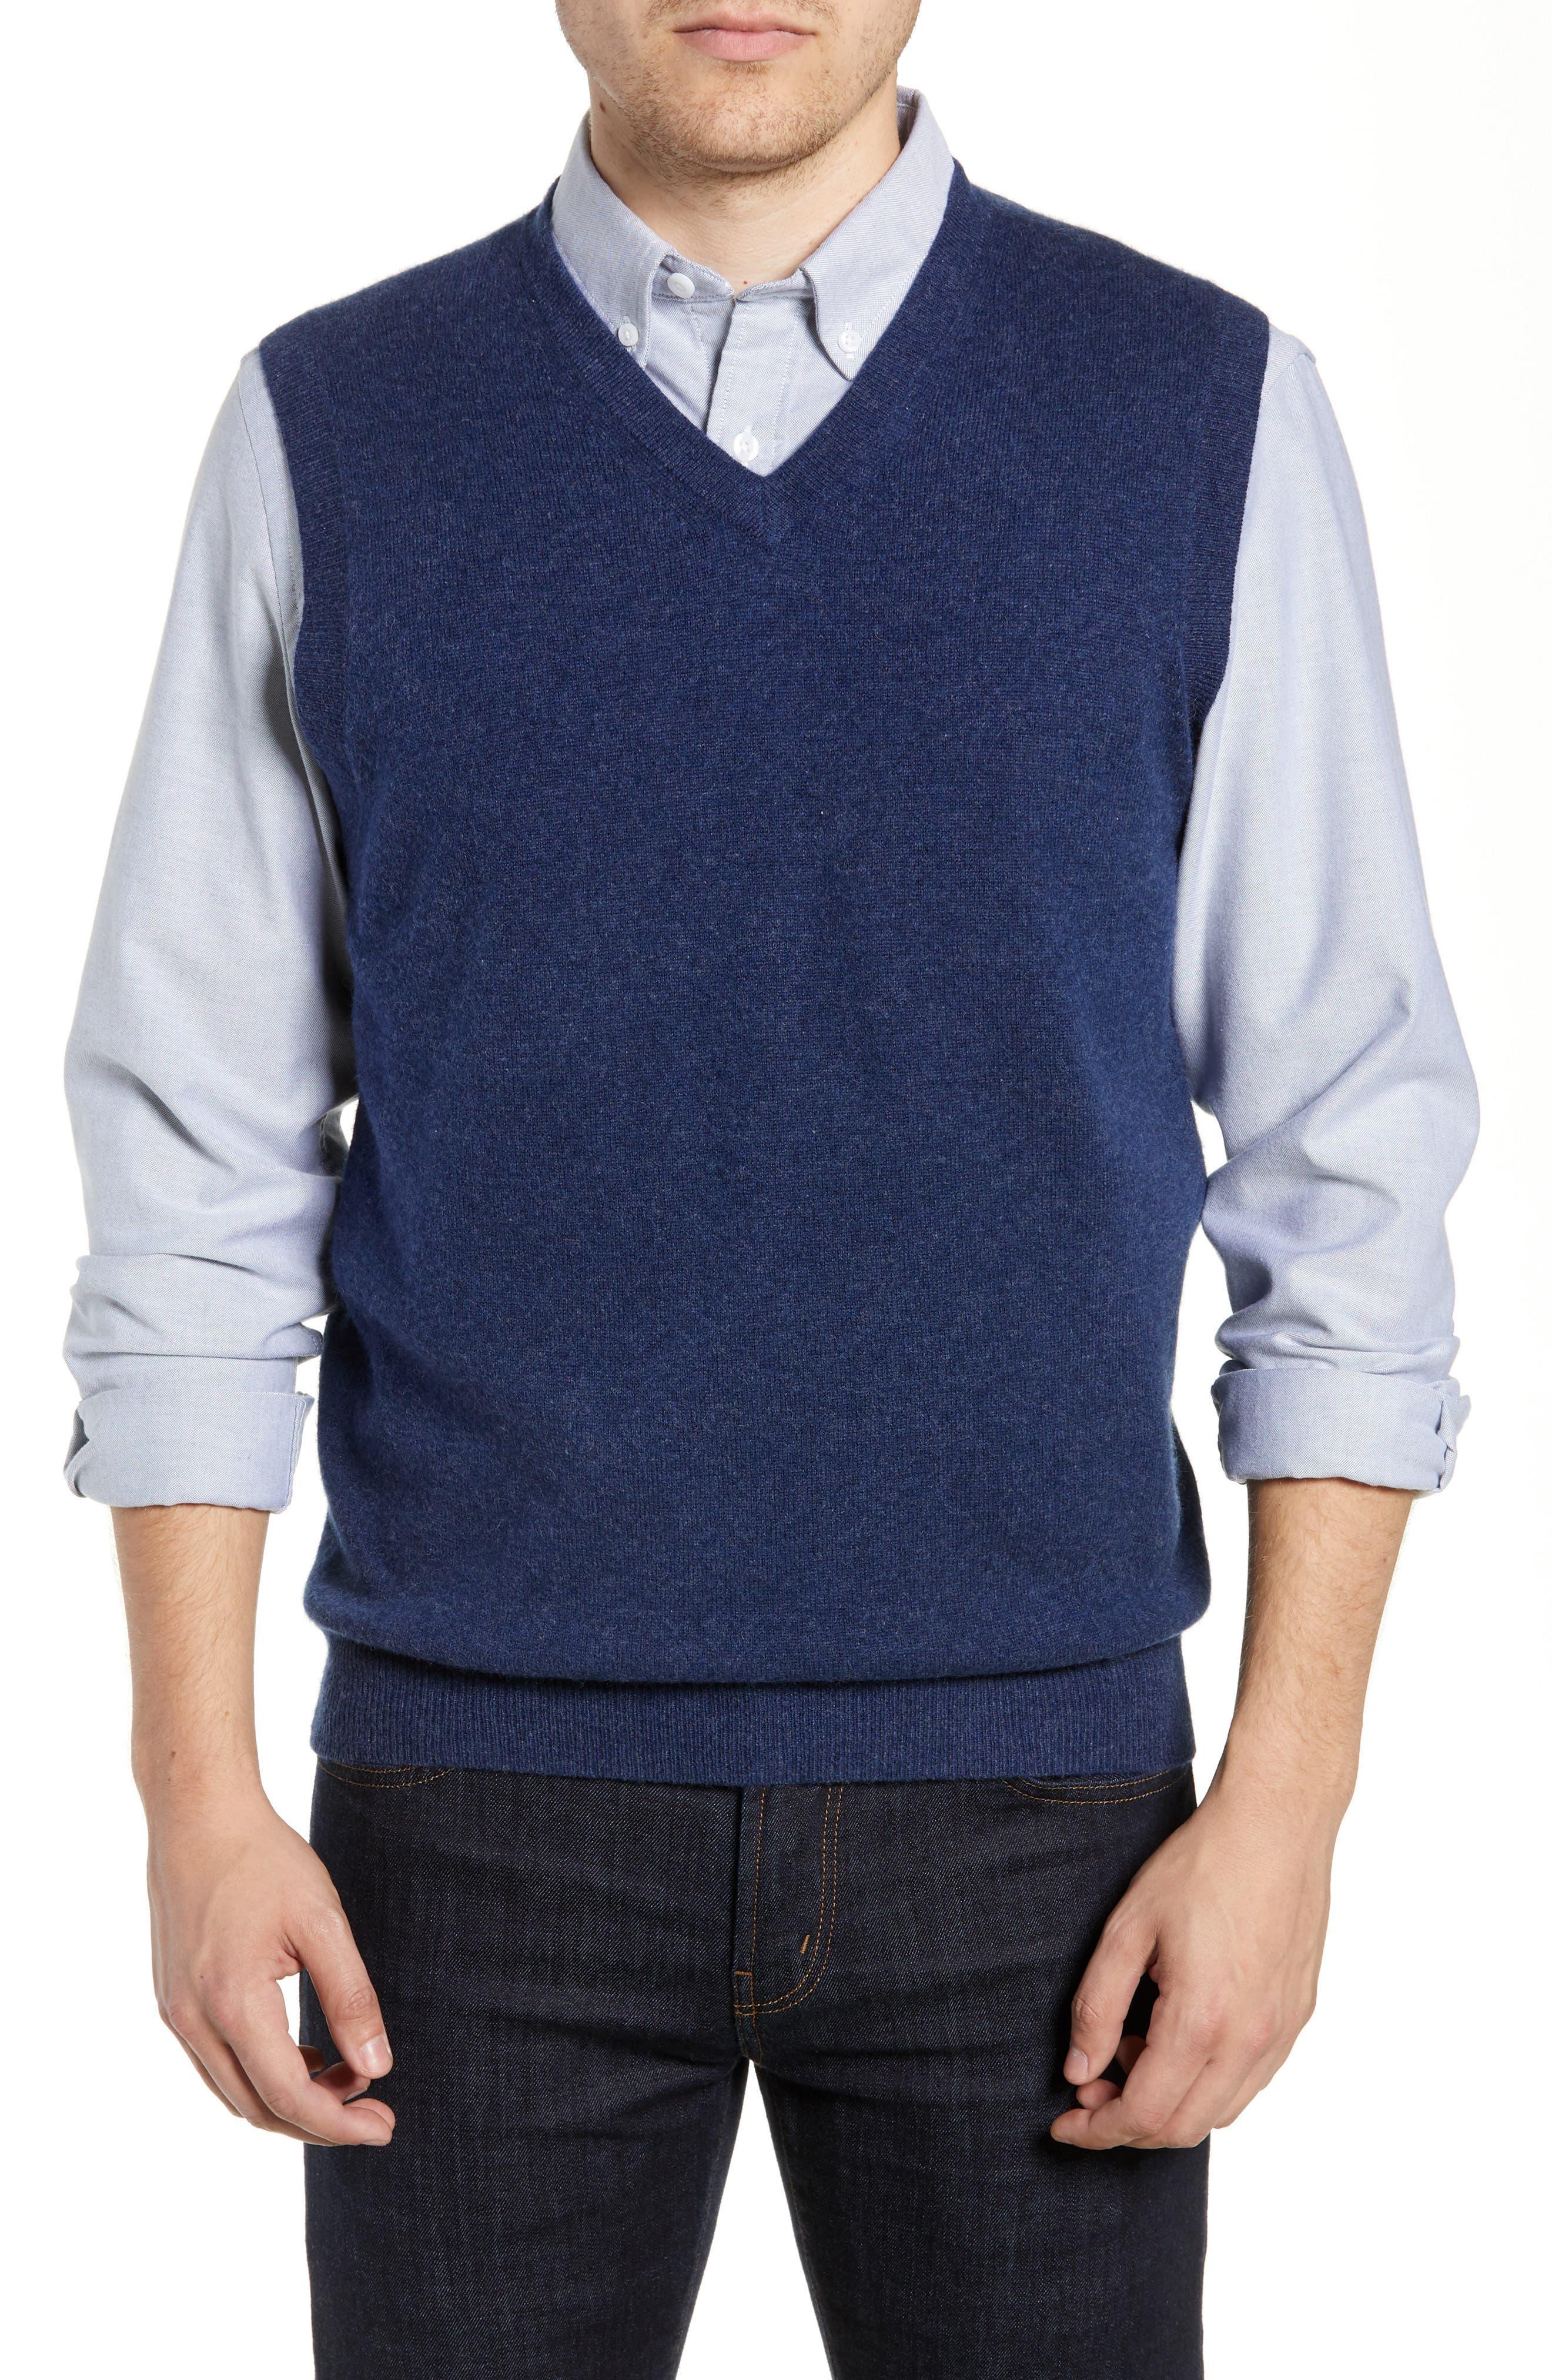 Cashmere V-Neck Sweater Vest,                         Main,                         color, BLUE ESTATE HEATHER